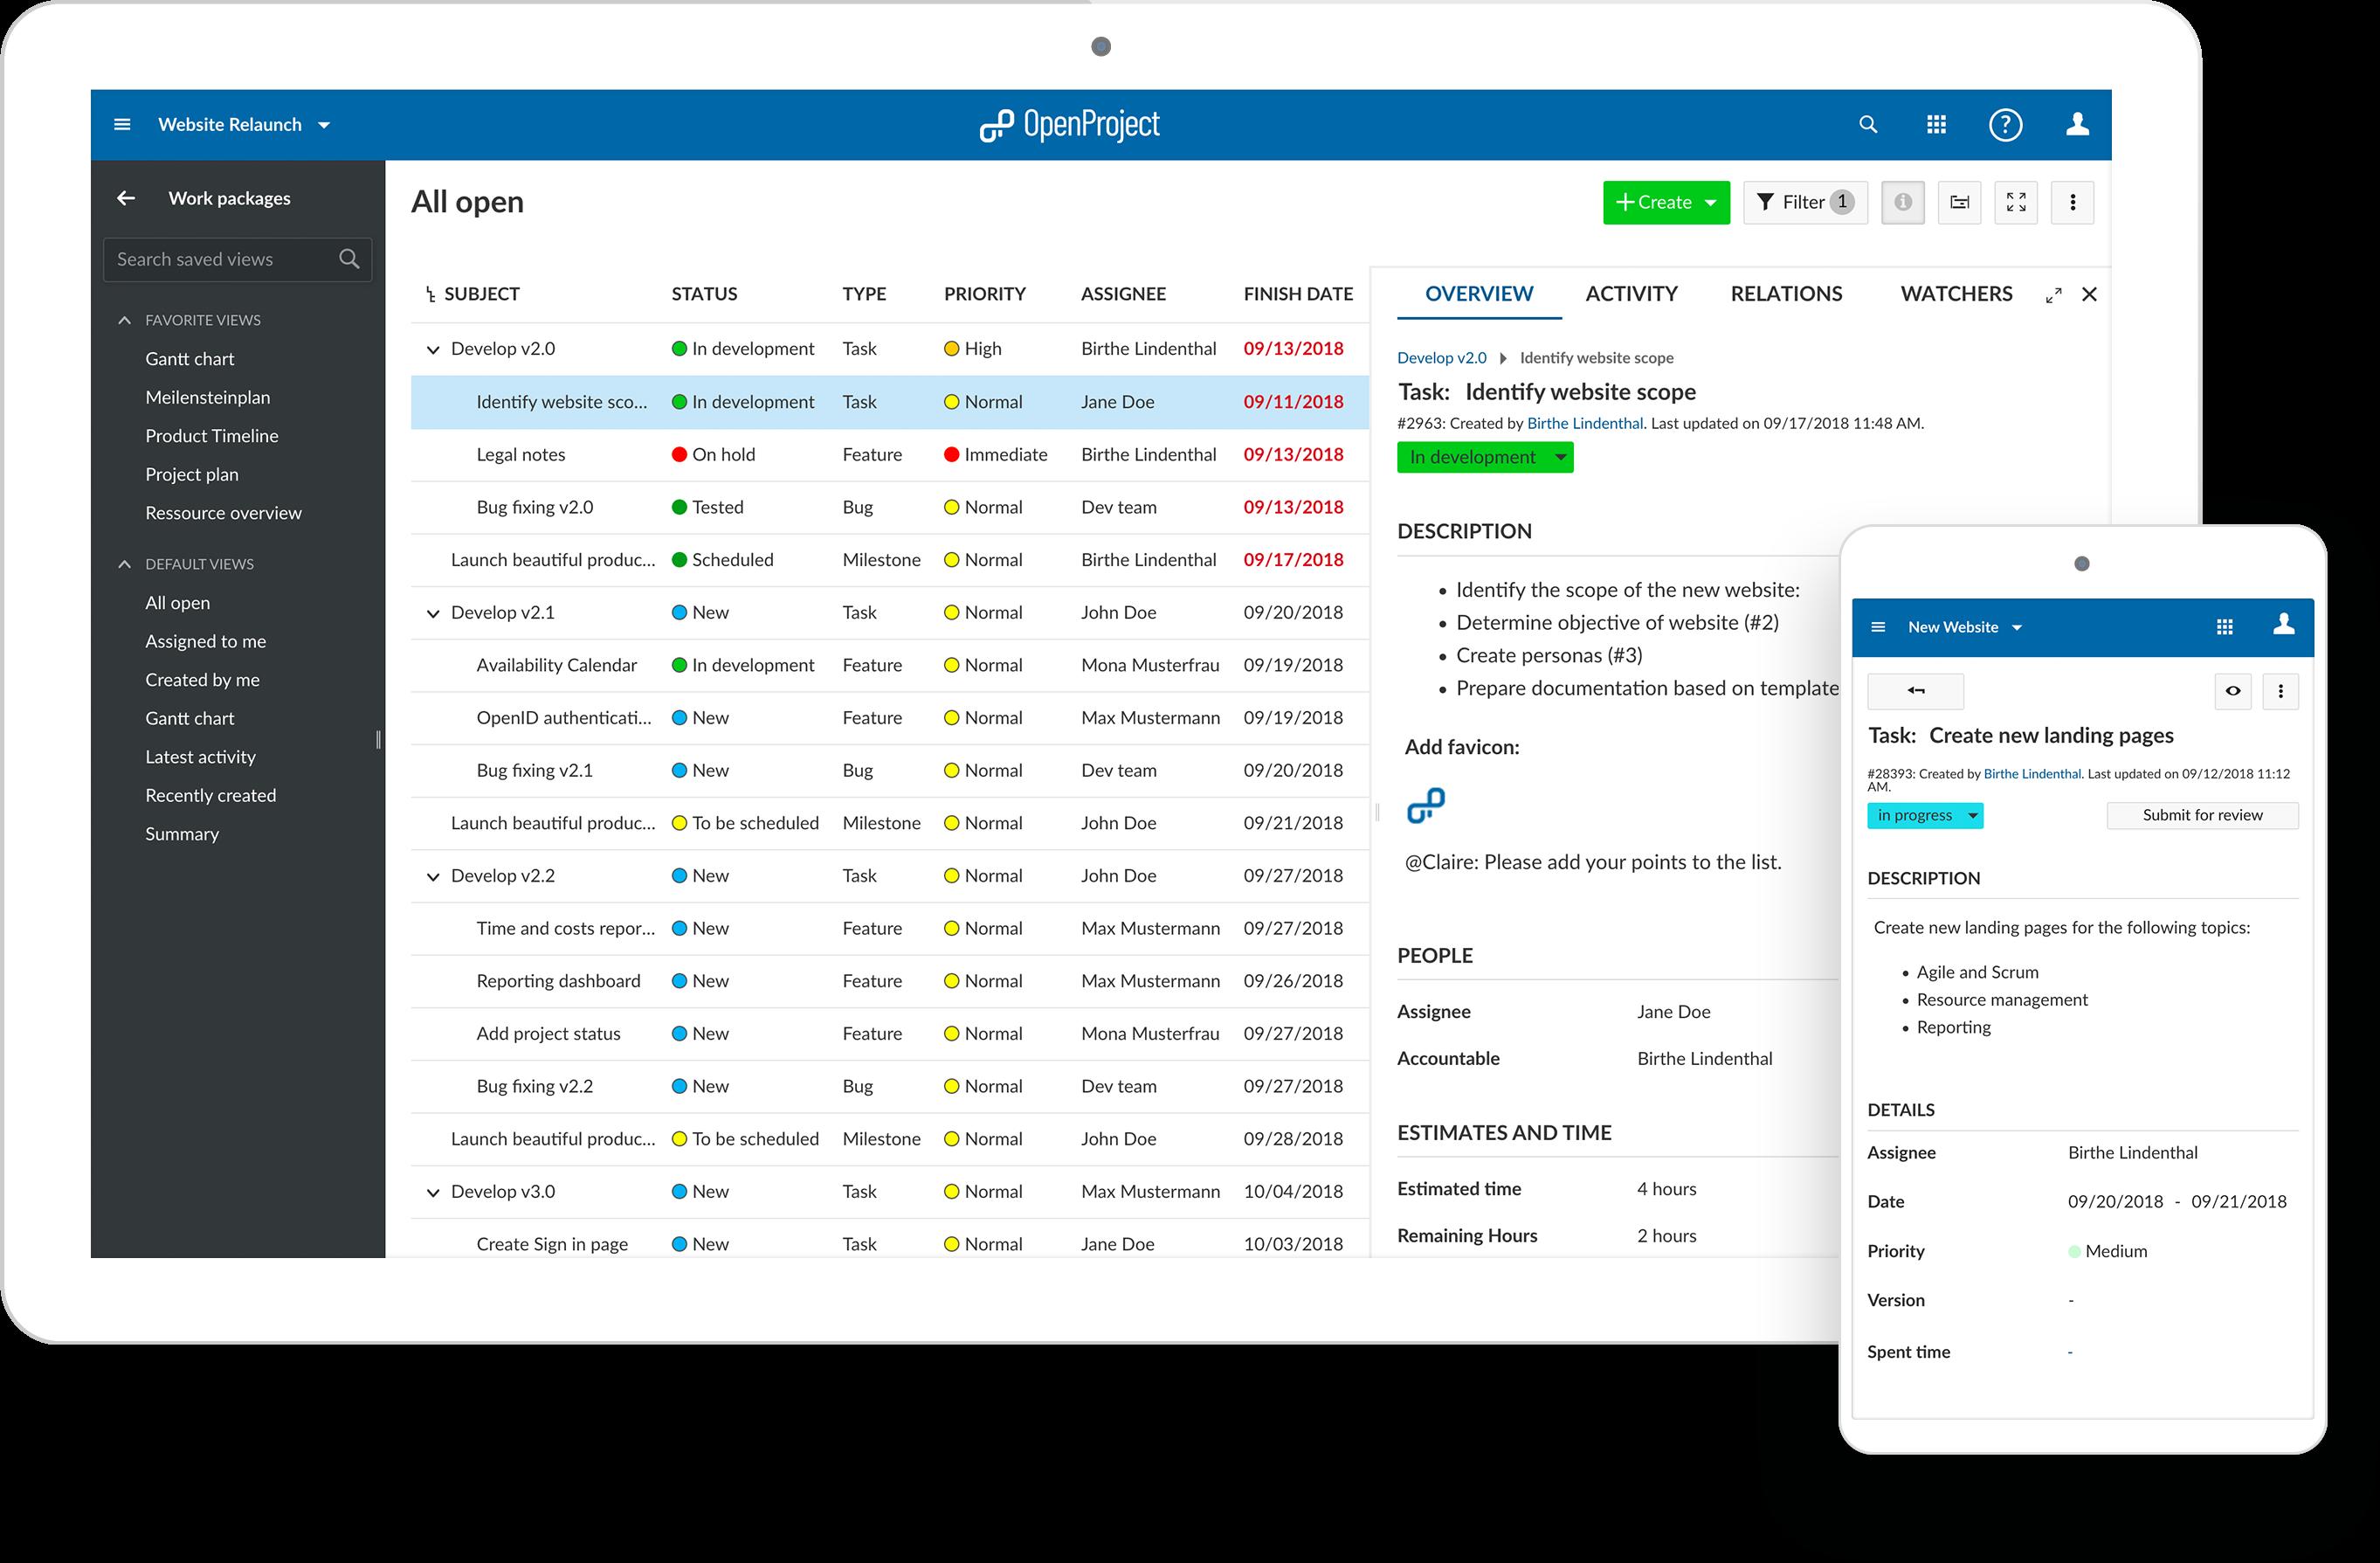 open-project-gestion-de-proyectos-open-source